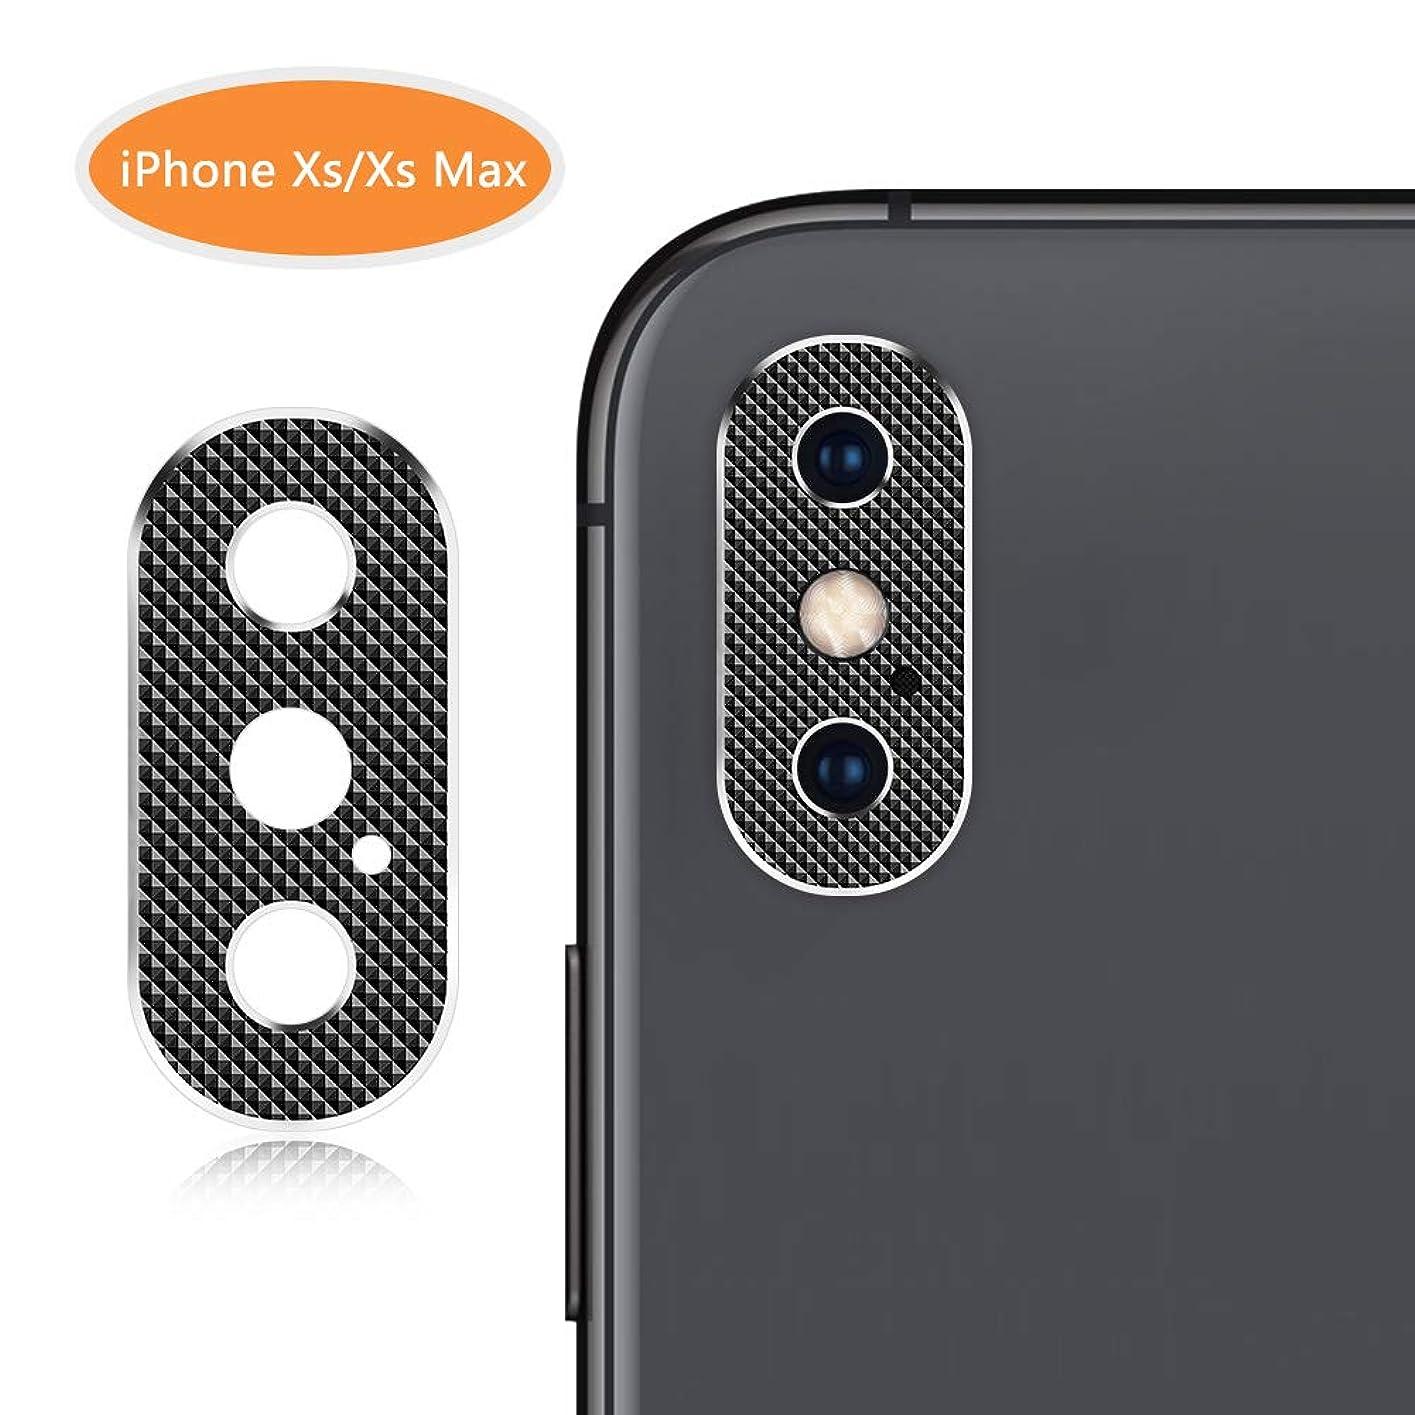 アイフォン XS/XS MAX カメラレンズ 保護リング アイフォンXS/XS MAX レンズ保護ケース レンズガード アルミニウムカバー バンパー 全面保護 傷防止 一体感溢れ(黒) (アイフォン XS/XS MAX)